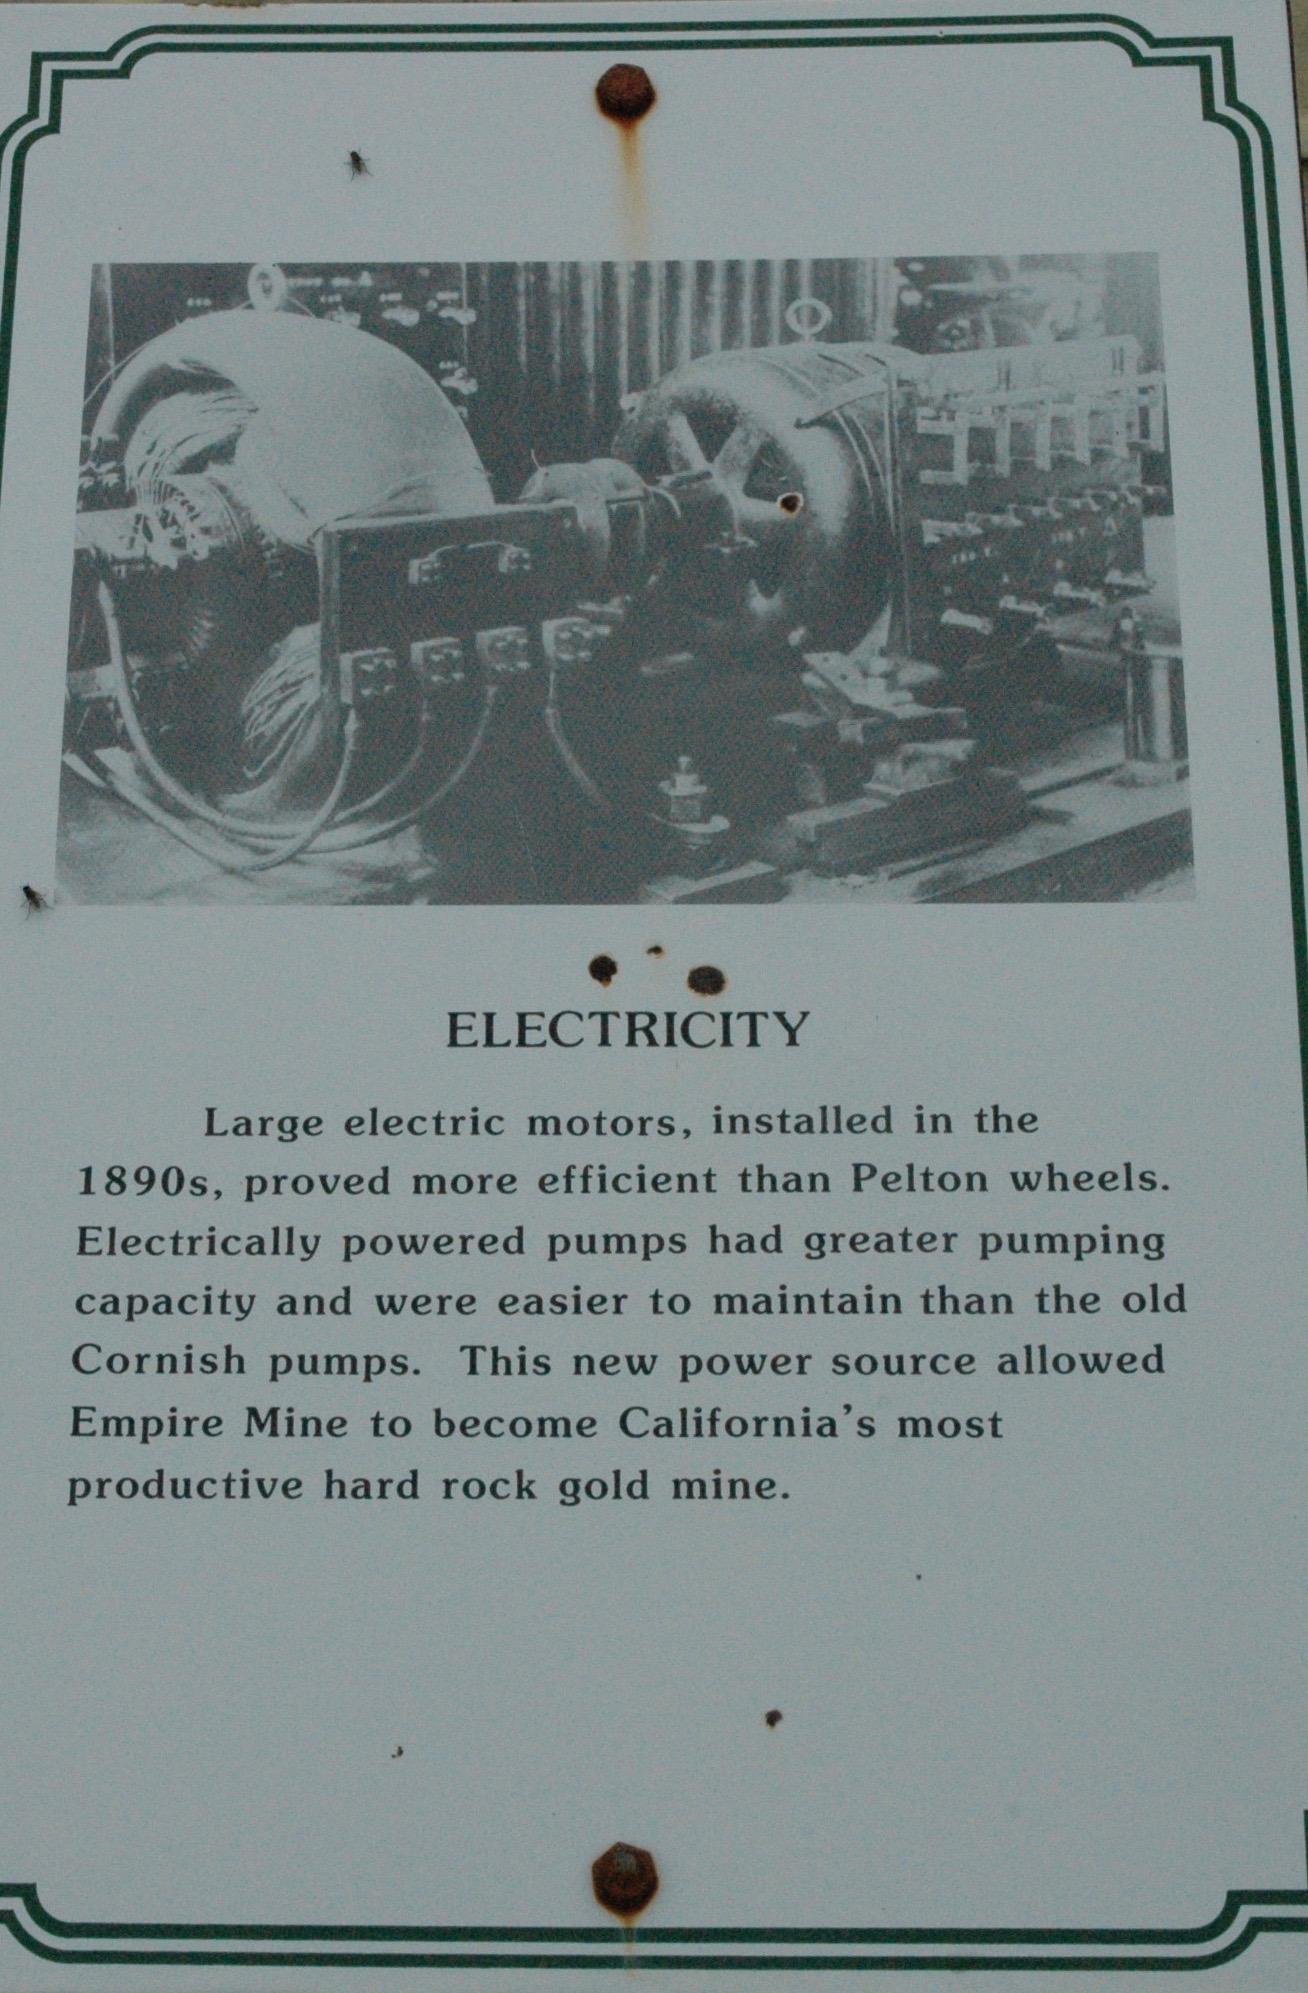 電機 19世紀末に導入